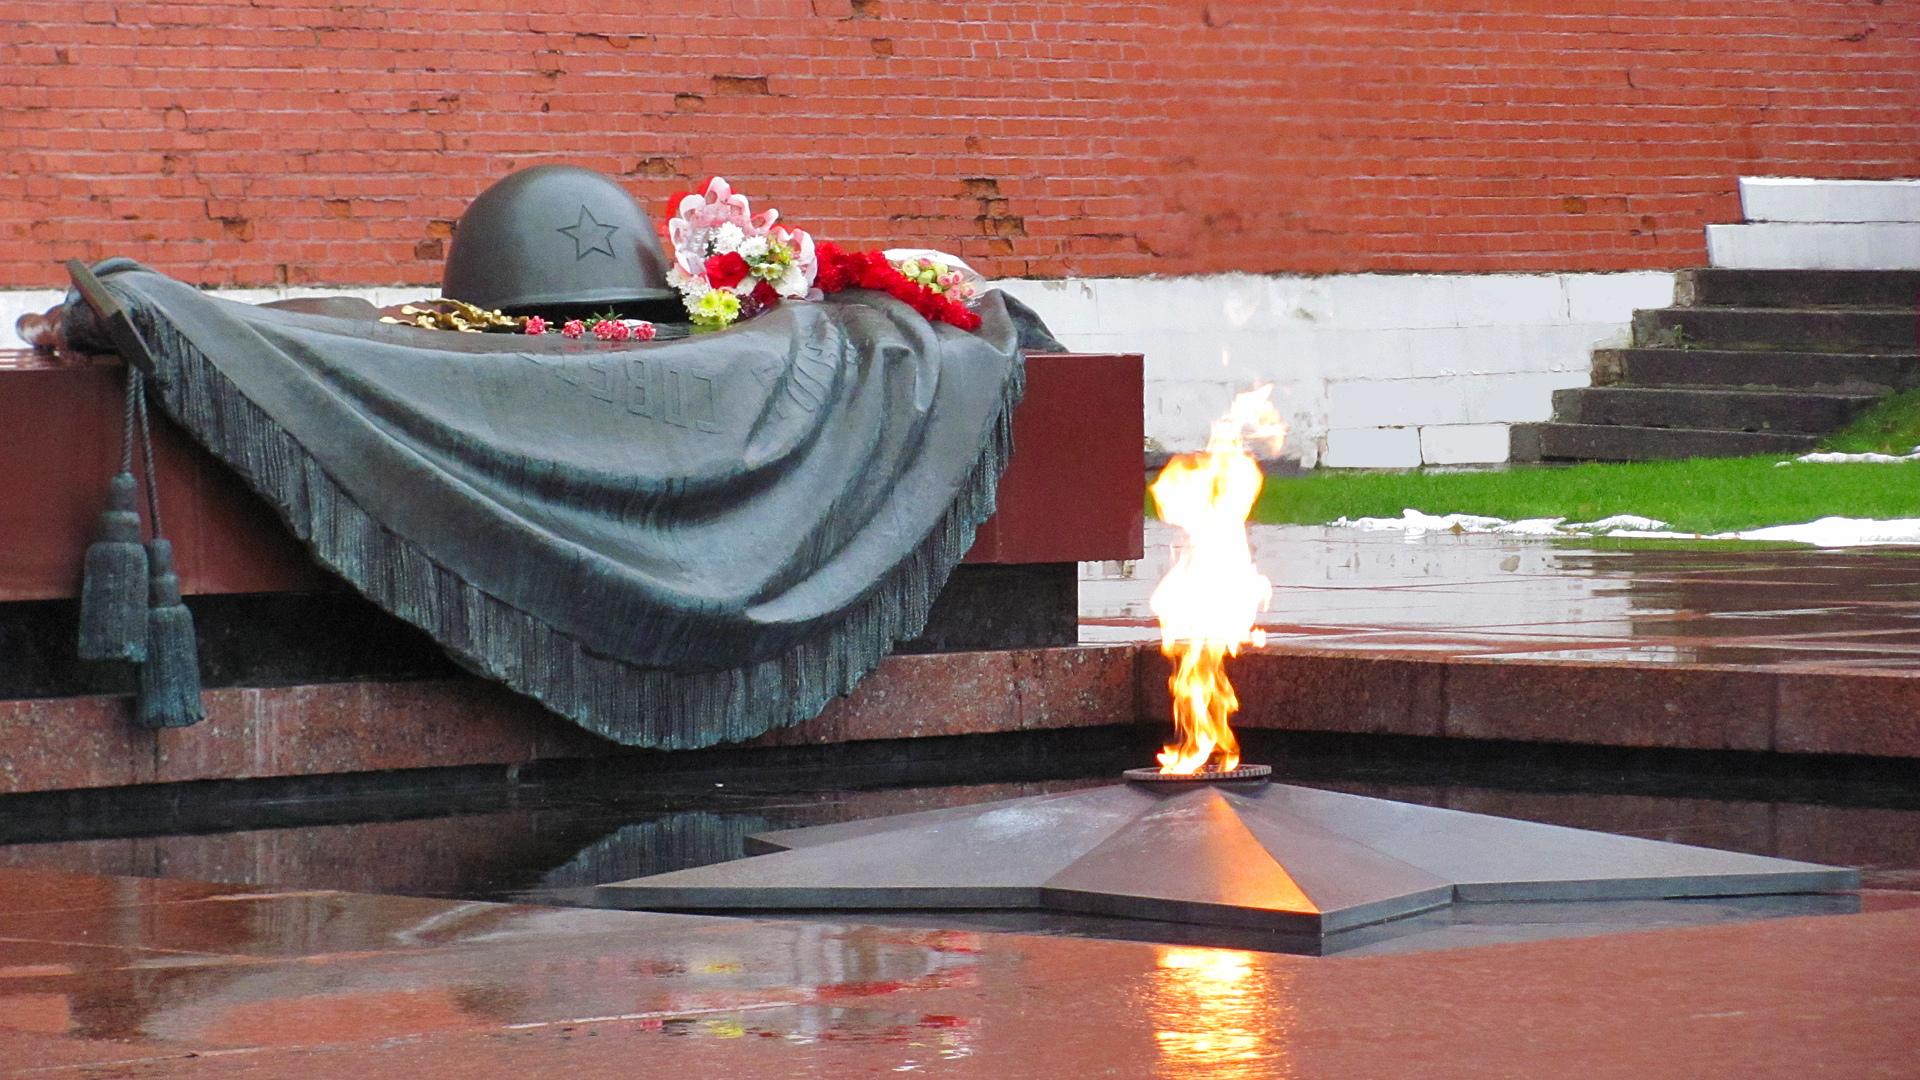 Картинки о памяти о войне, открытки спасибо